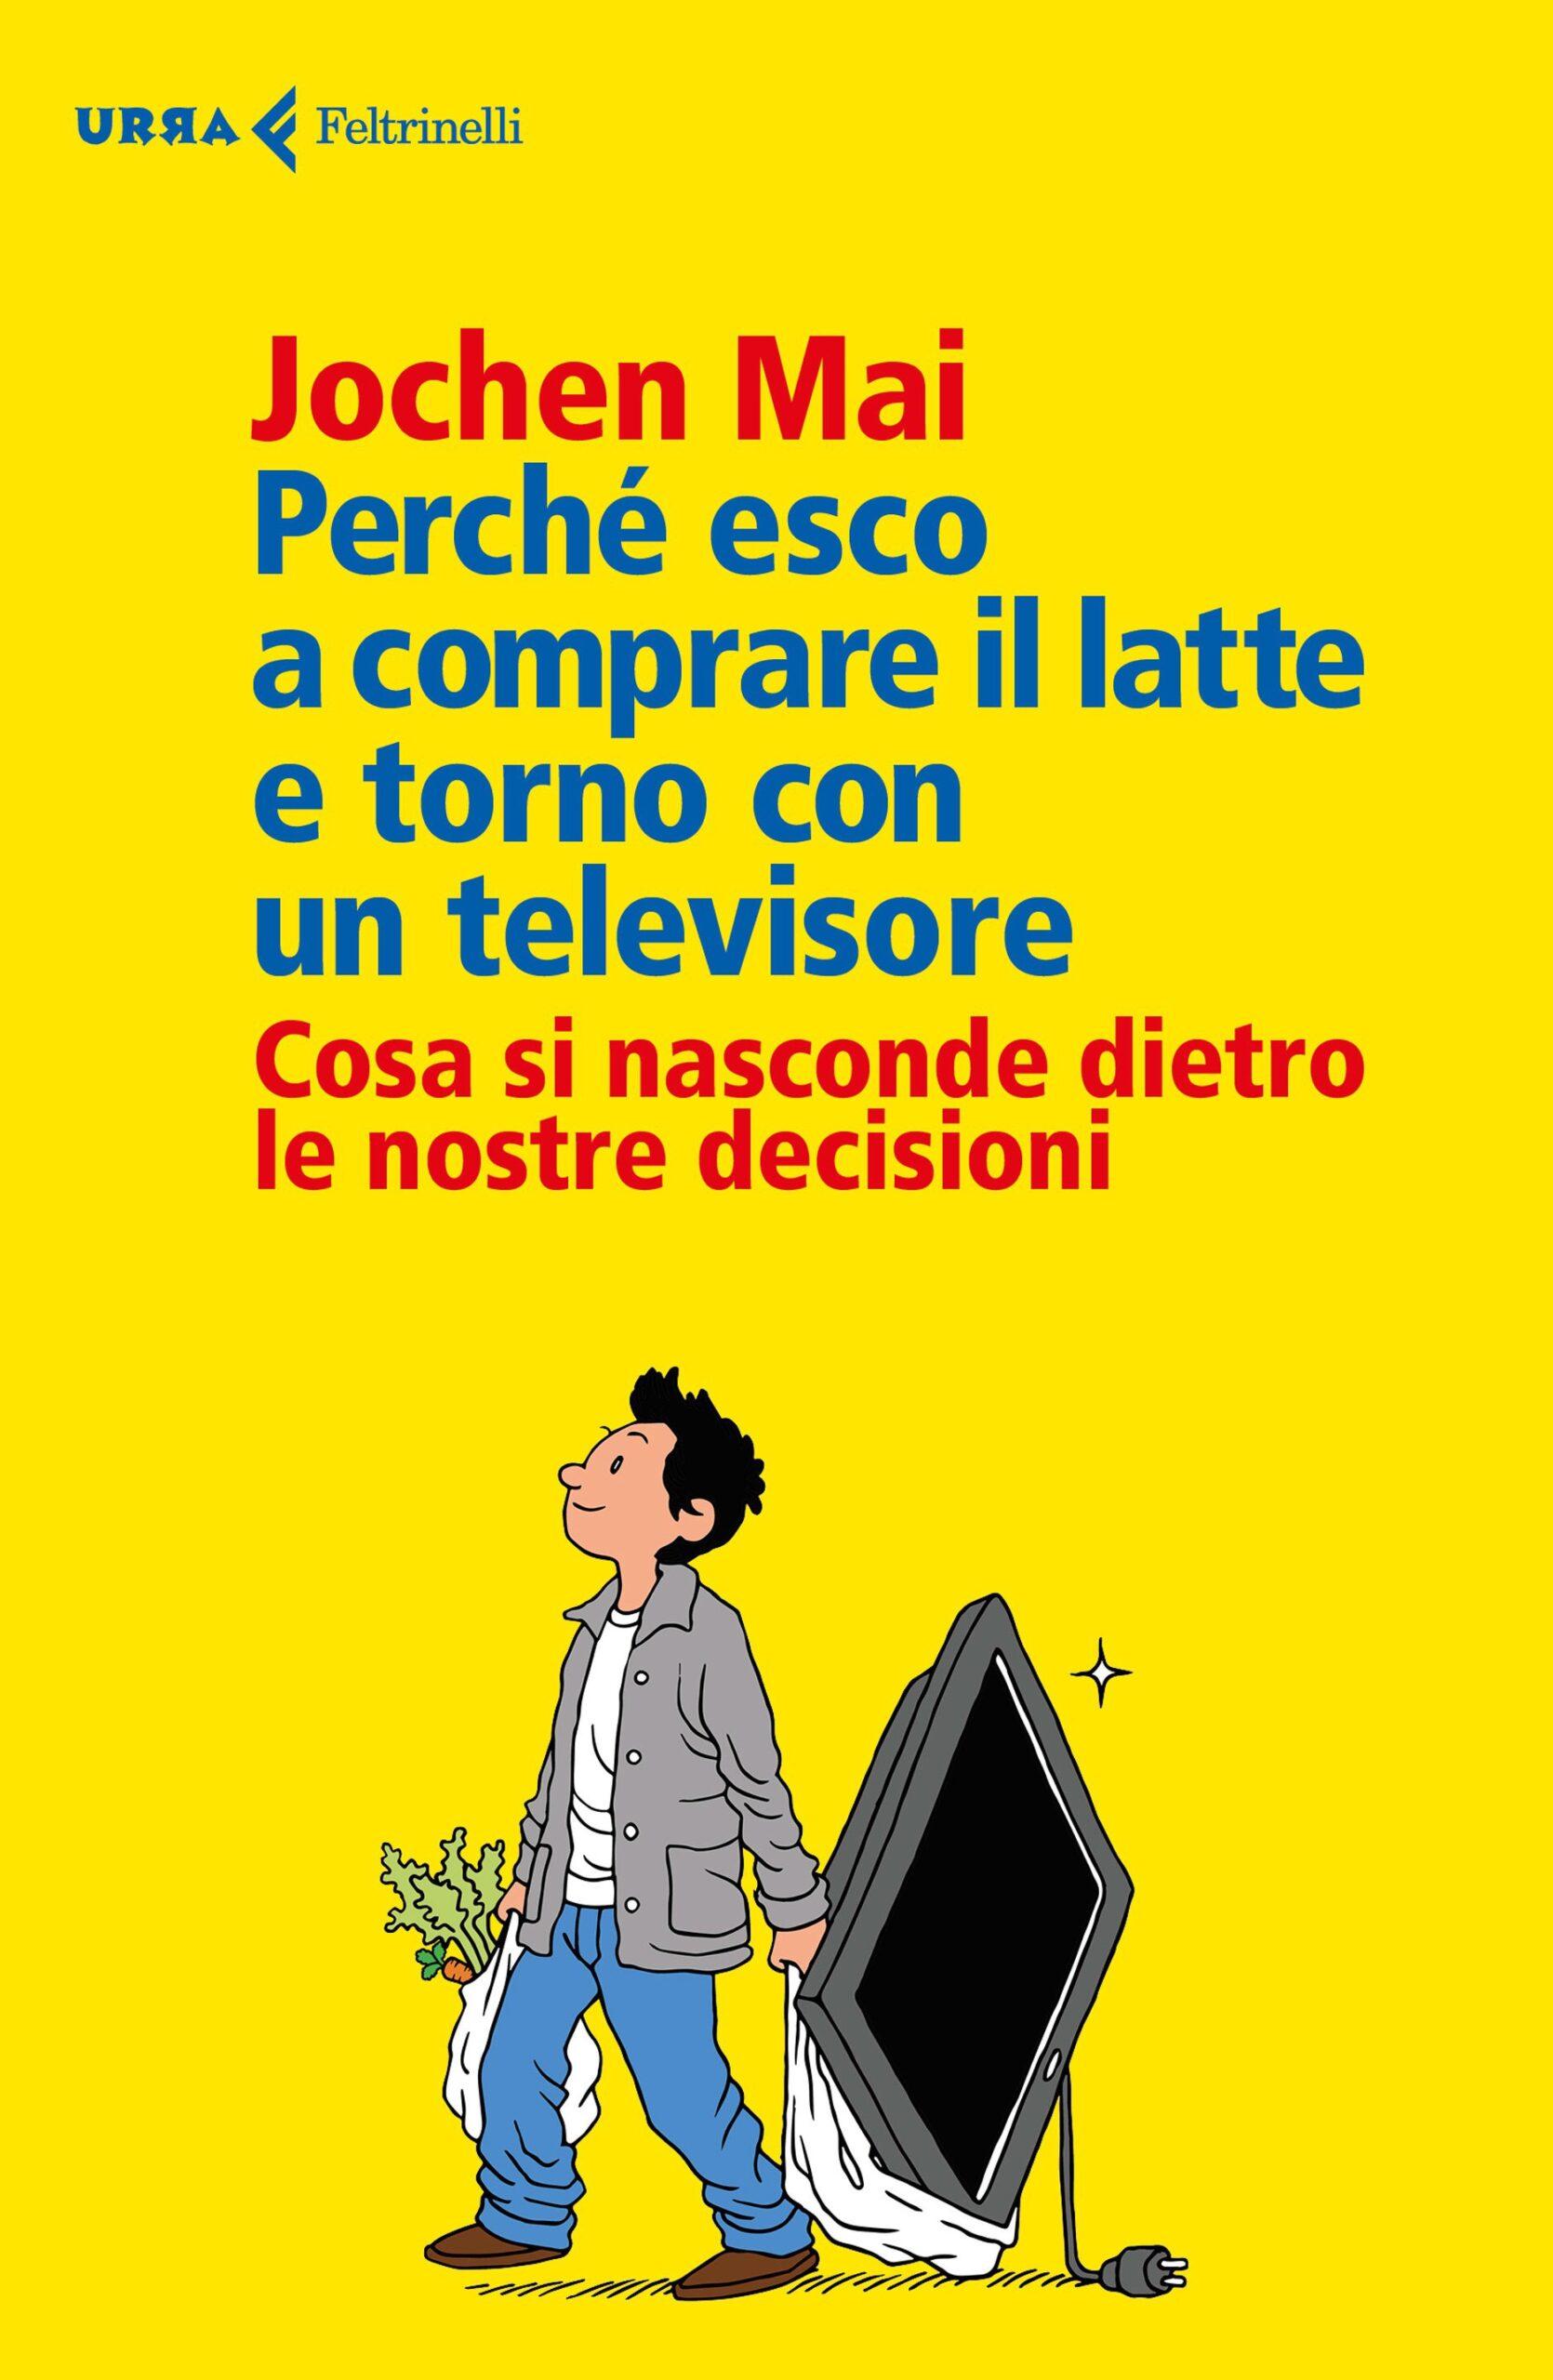 Perché esco a comprare il latte e torno con un televisore – Jochen Mai